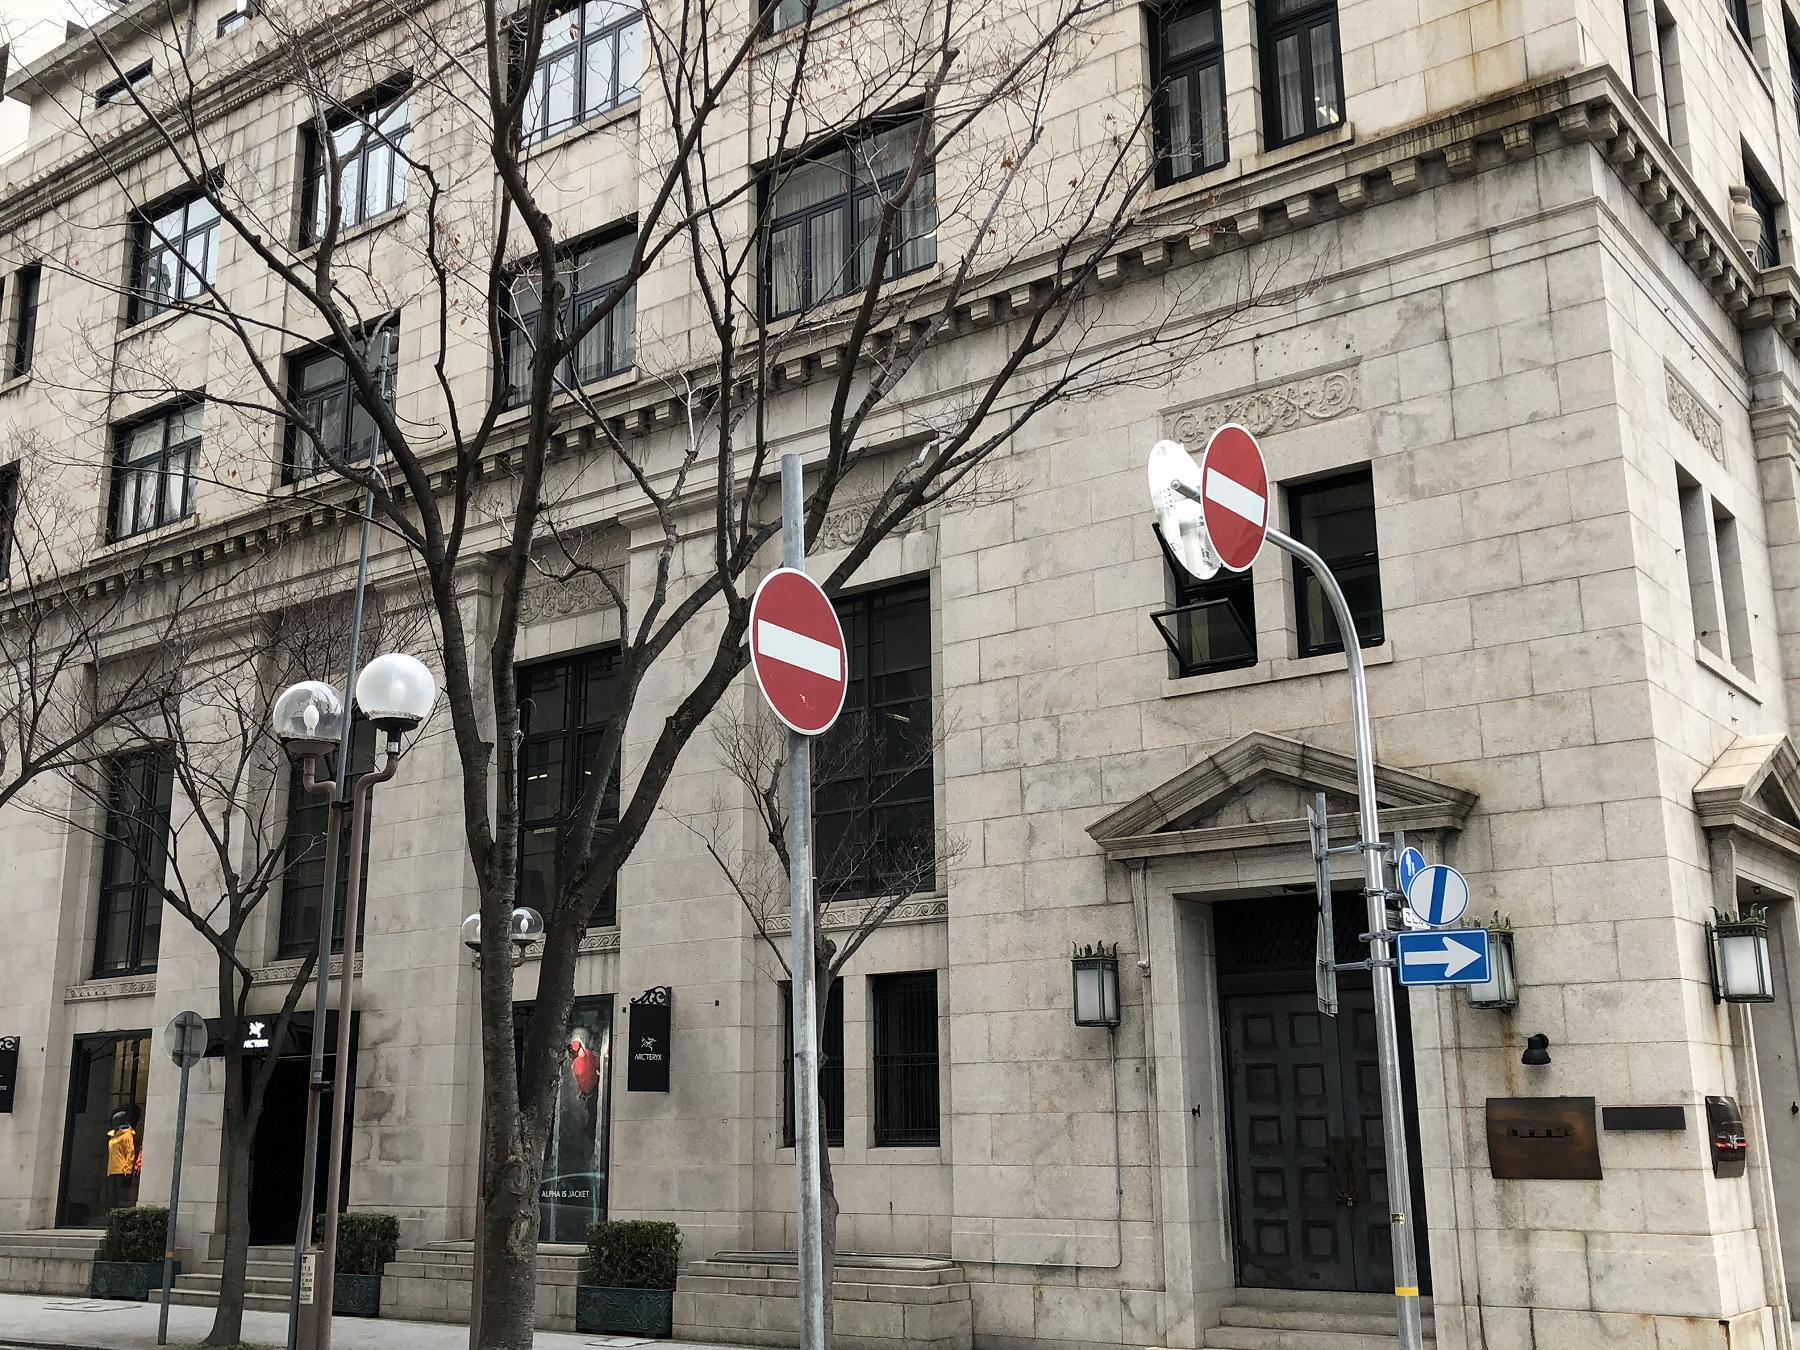 神戸旧居留地にある「チャータードビル(旧:チャータード銀行神戸支店)」をご紹介します! #近代建築 #チャータードビル #神戸観光 #旧居留地